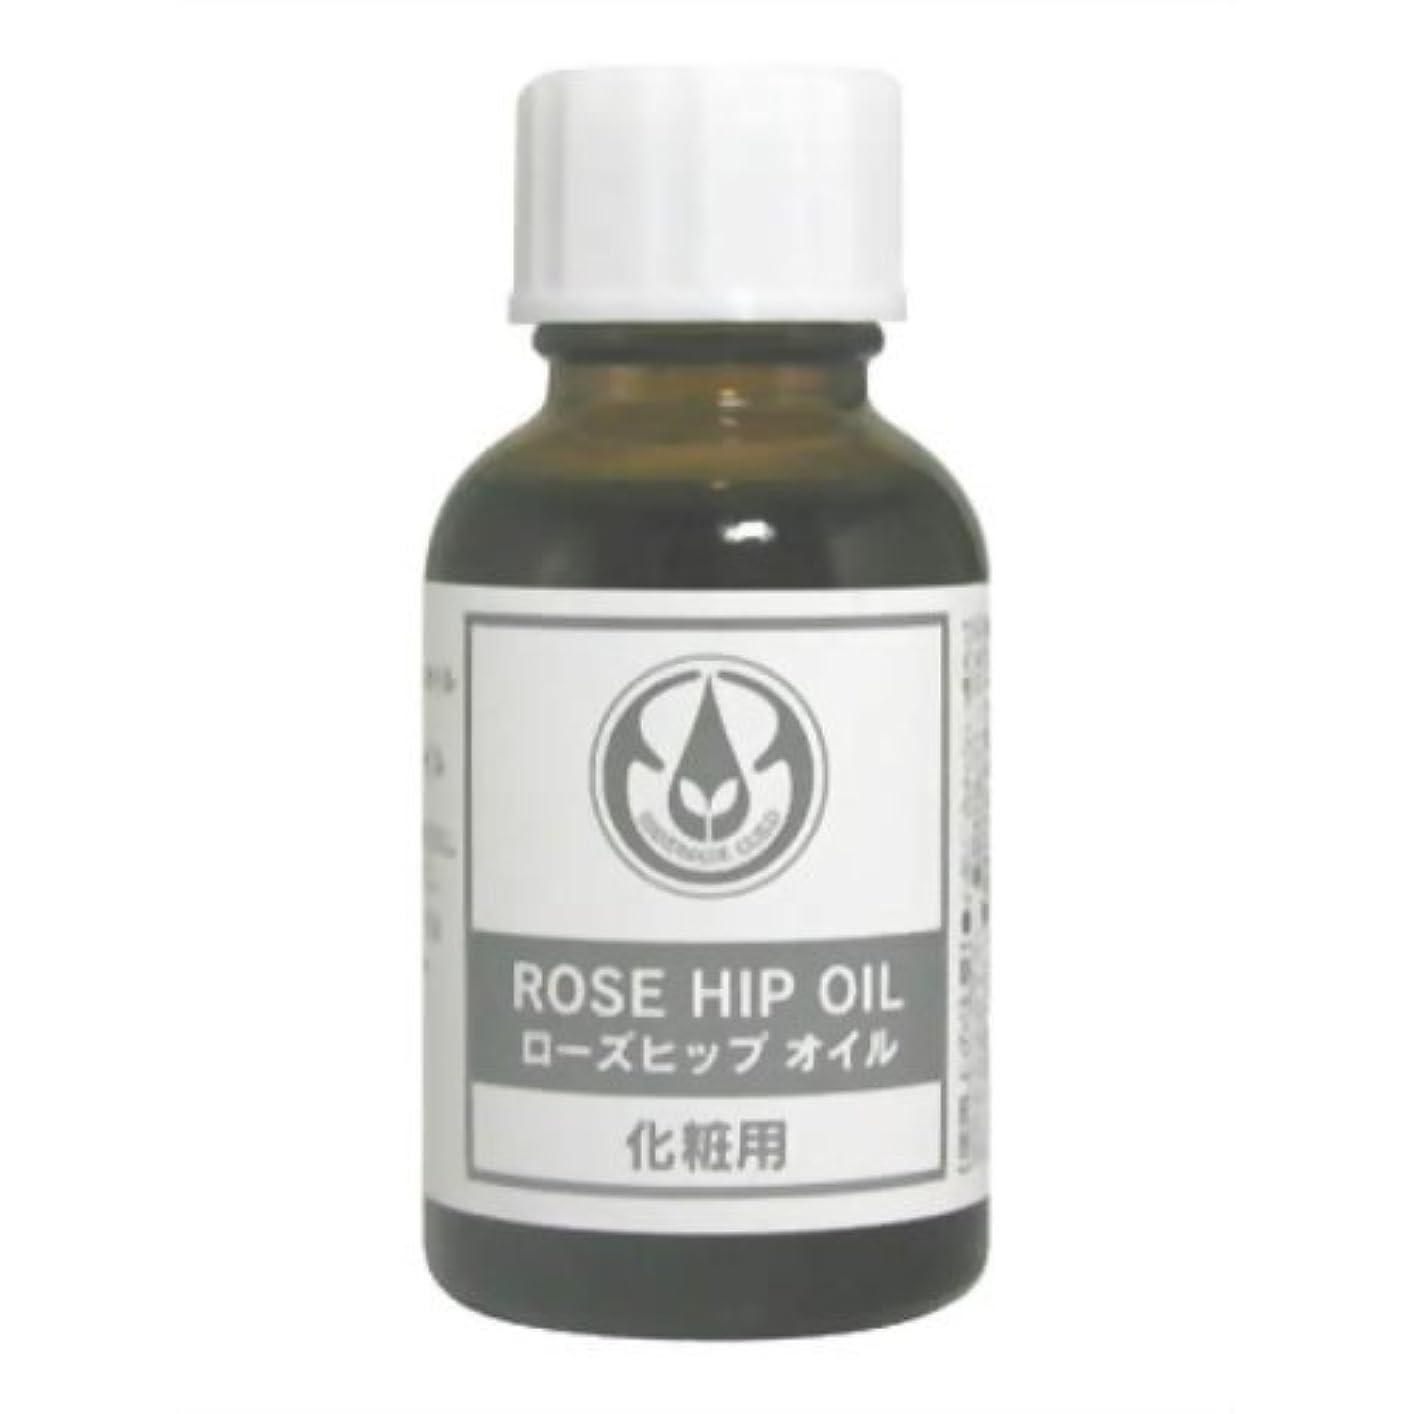 テンポ樹皮引数生活の木 ローズヒップオイル(ナチュラル) 25ml